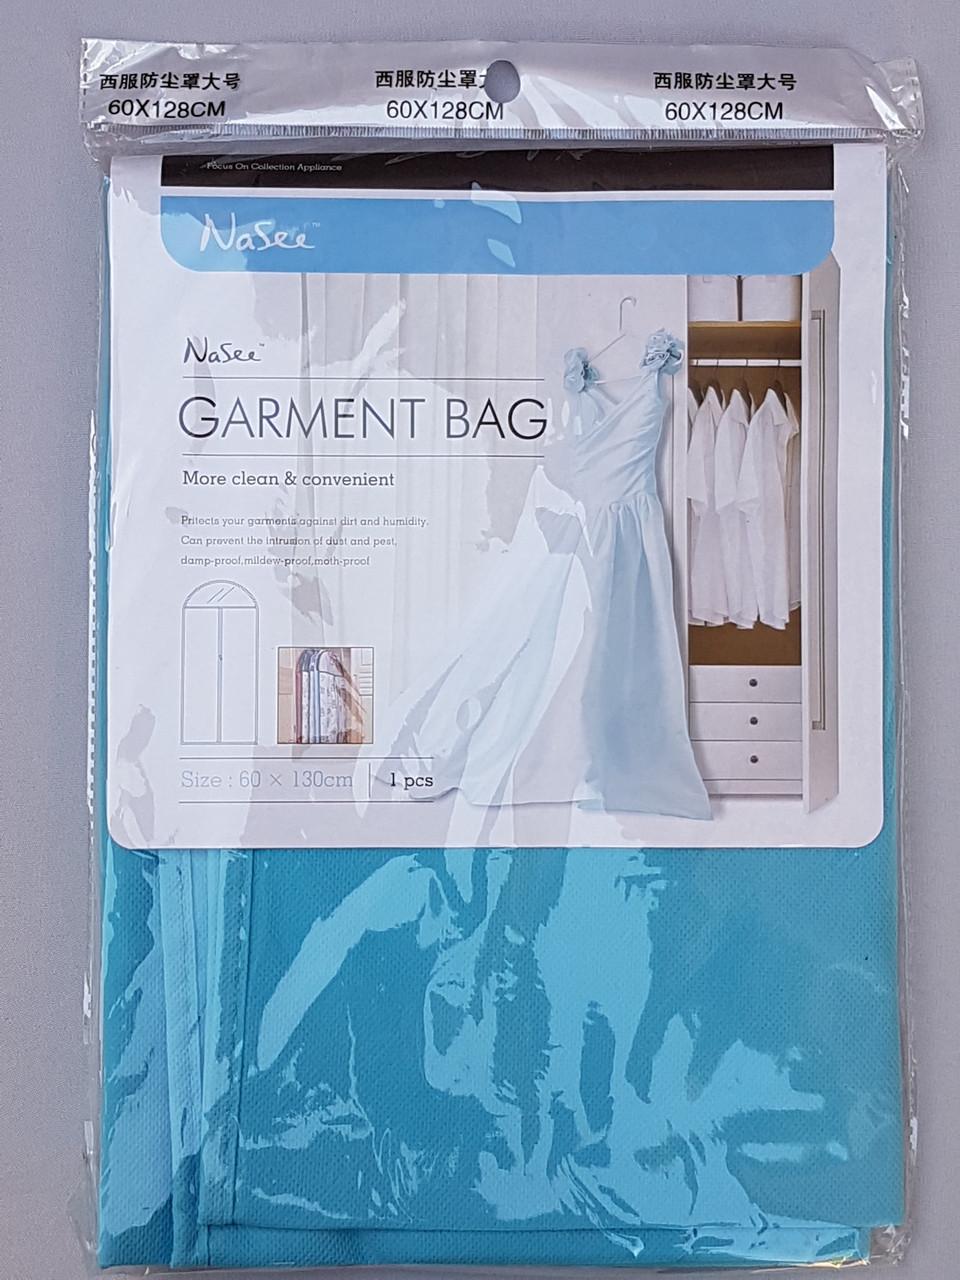 Чехол для хранения и упаковки одежды на молнии флизелиновый  голубого цвета. Размер 60 см*130 см.